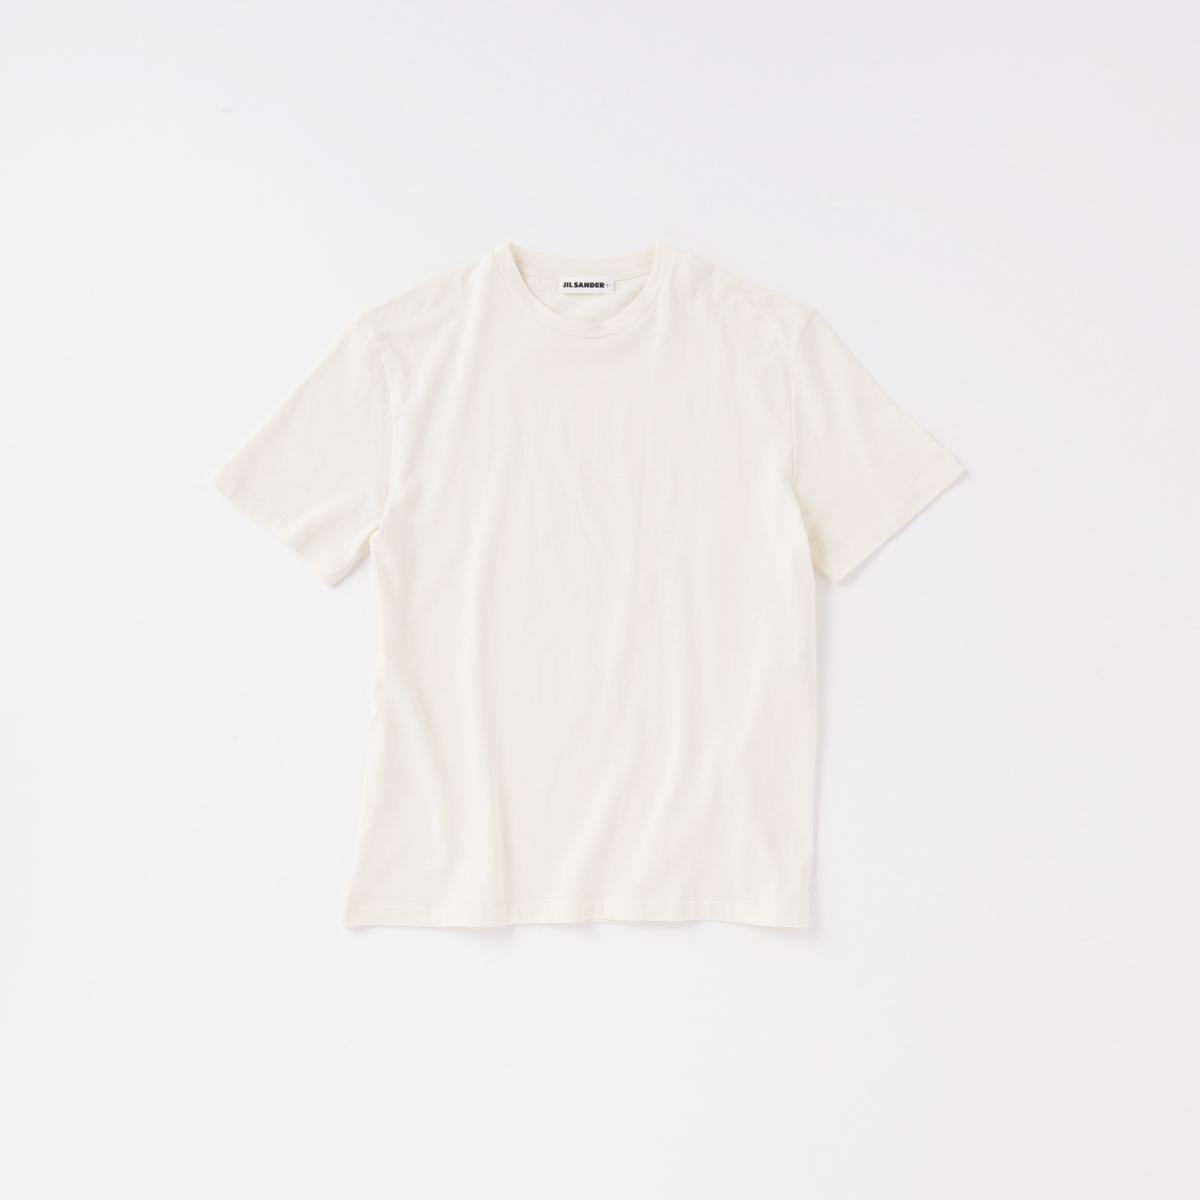 極上の着心地を叶える白Tシャツ【ジル サンダー+】